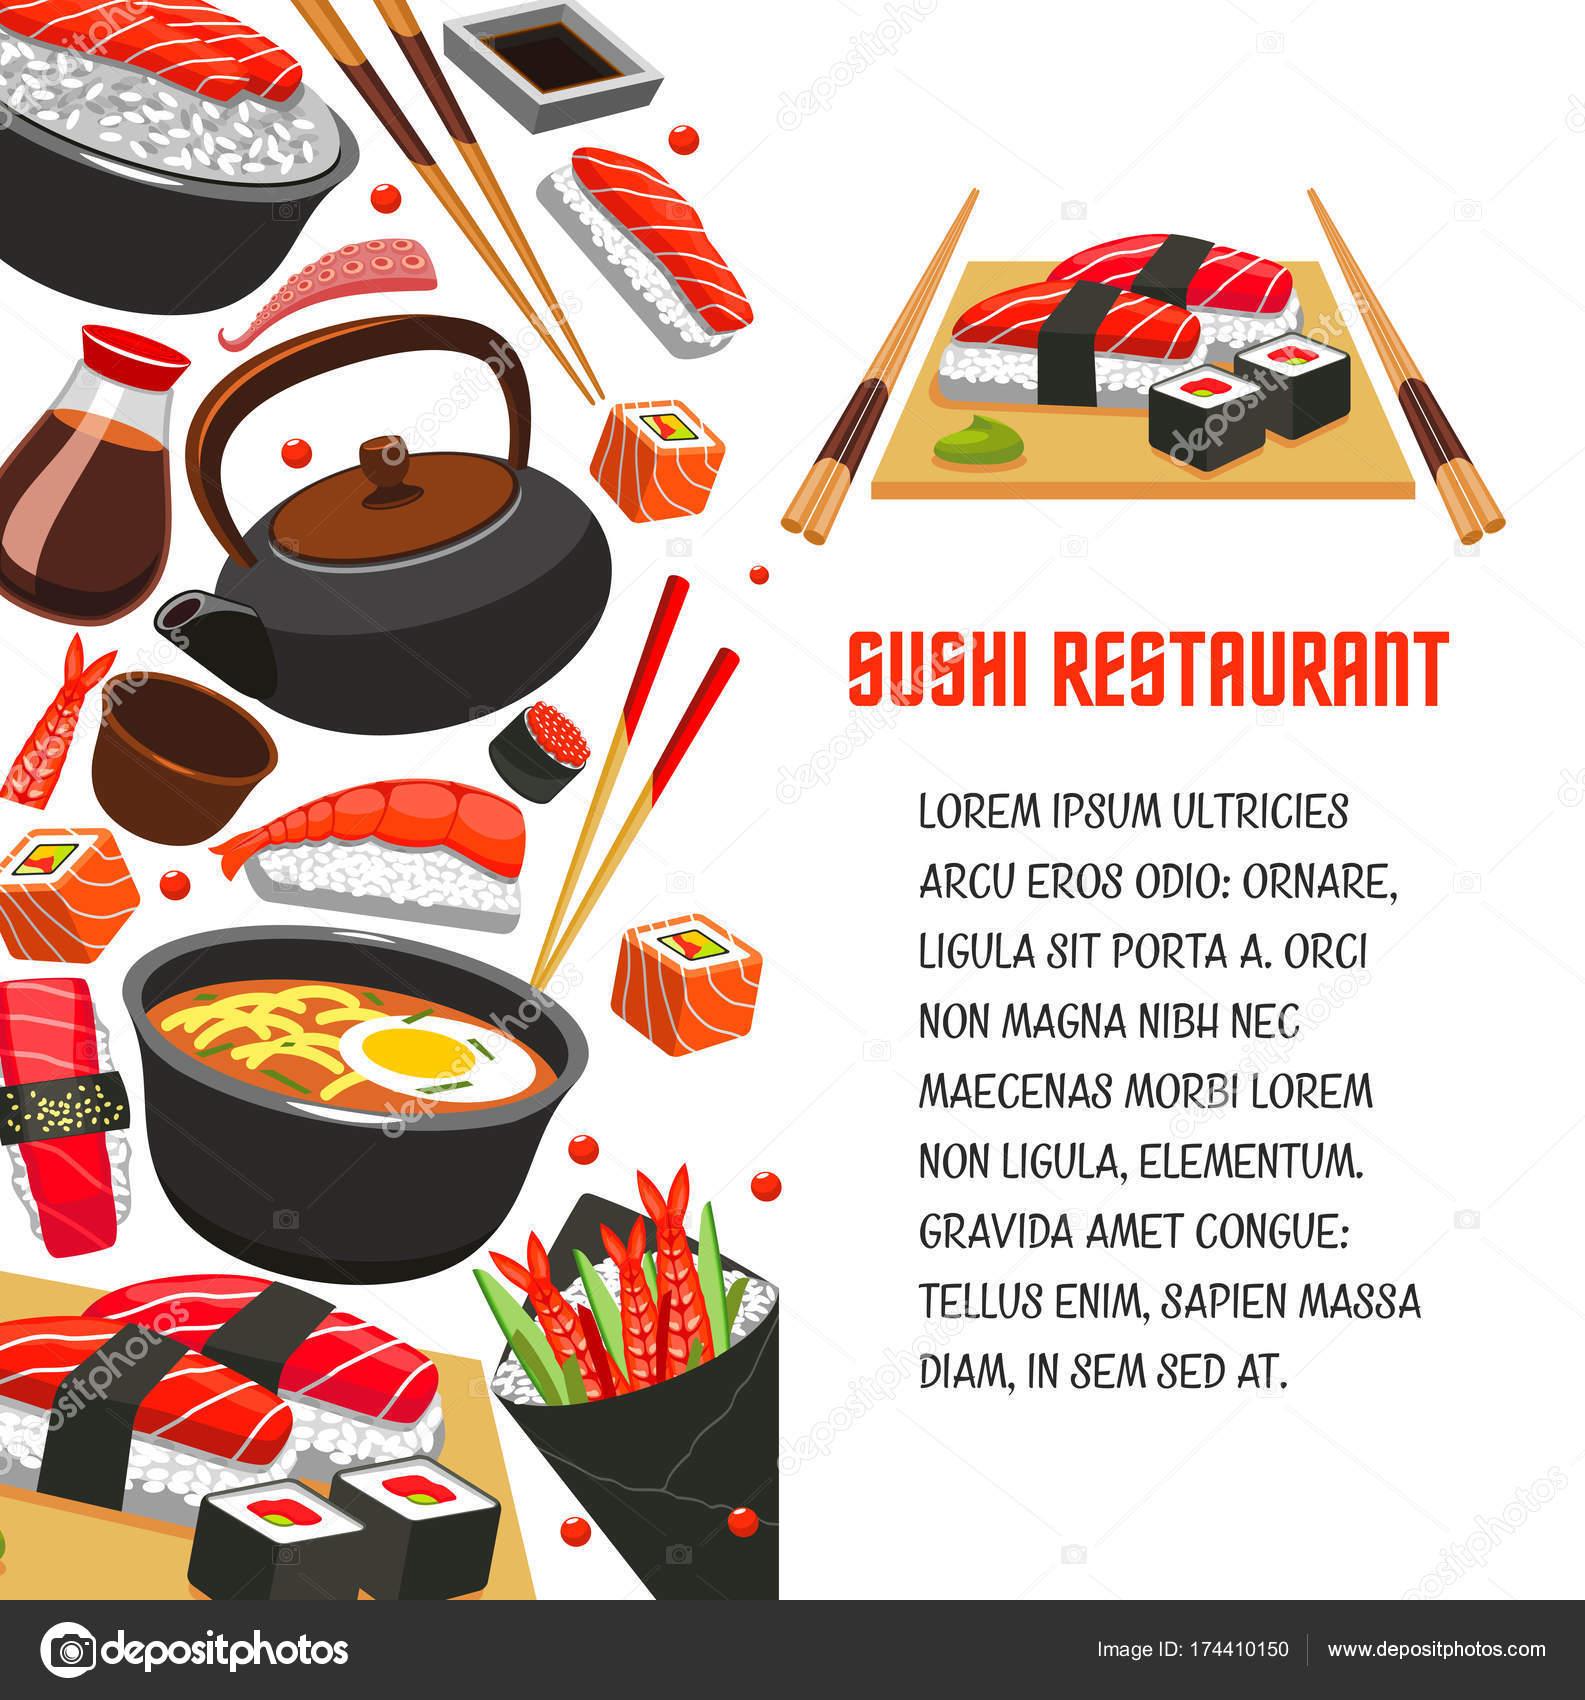 Sushi ristorante poster per progettazione di cibo for Progettazione di edifici online gratuita